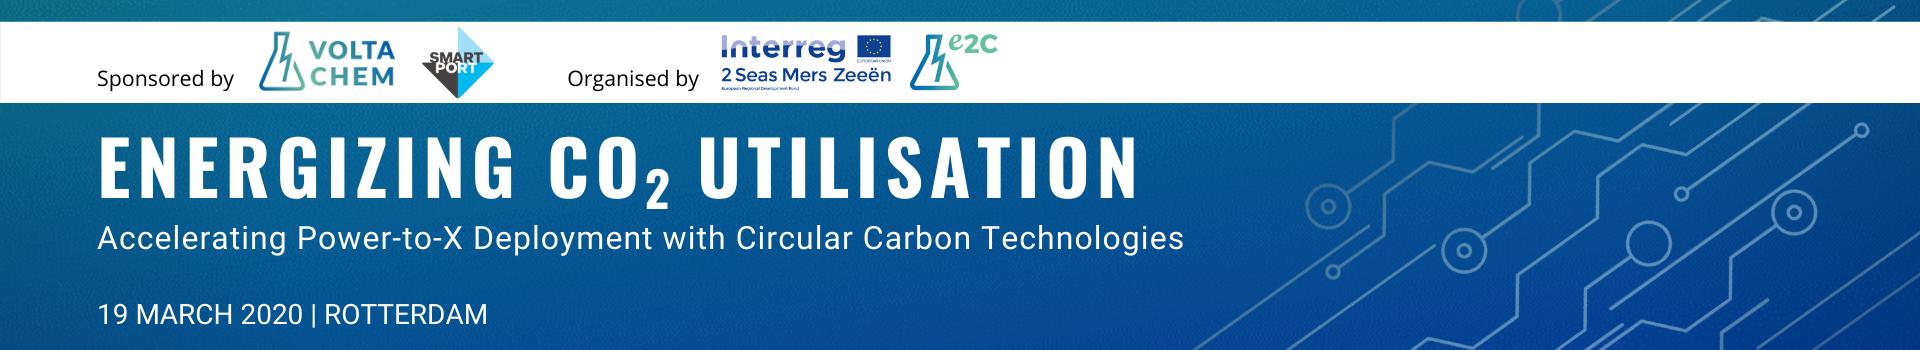 """E2C Stakeholder Event - """"Energizing CO2 Utilisation"""""""